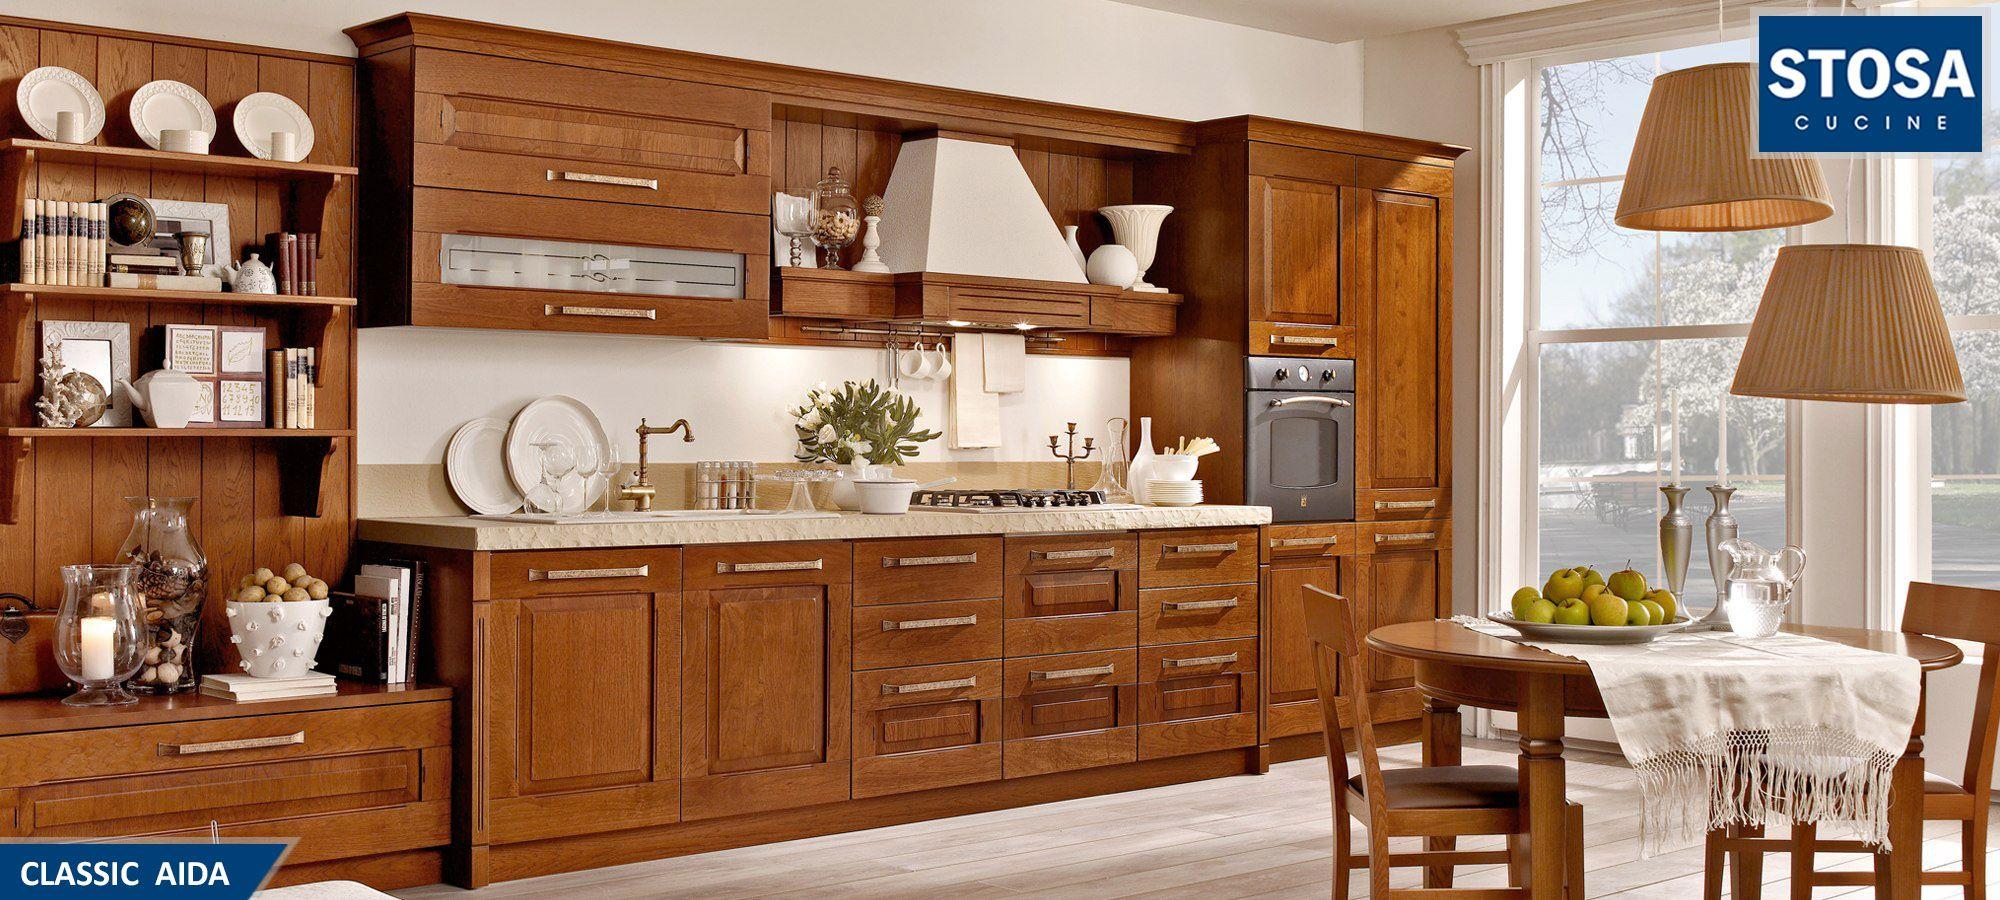 Infinity Kitchen Designs Aida Style Kitchen Stosa Cucine Http Stosacucinepk Infinity